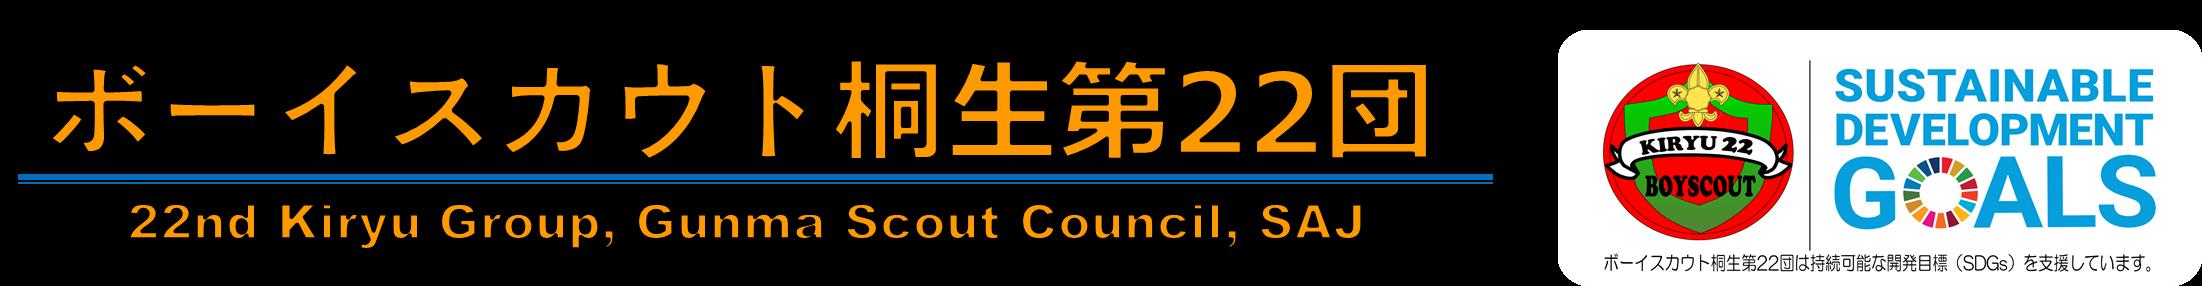 ボーイスカウト桐生第22団